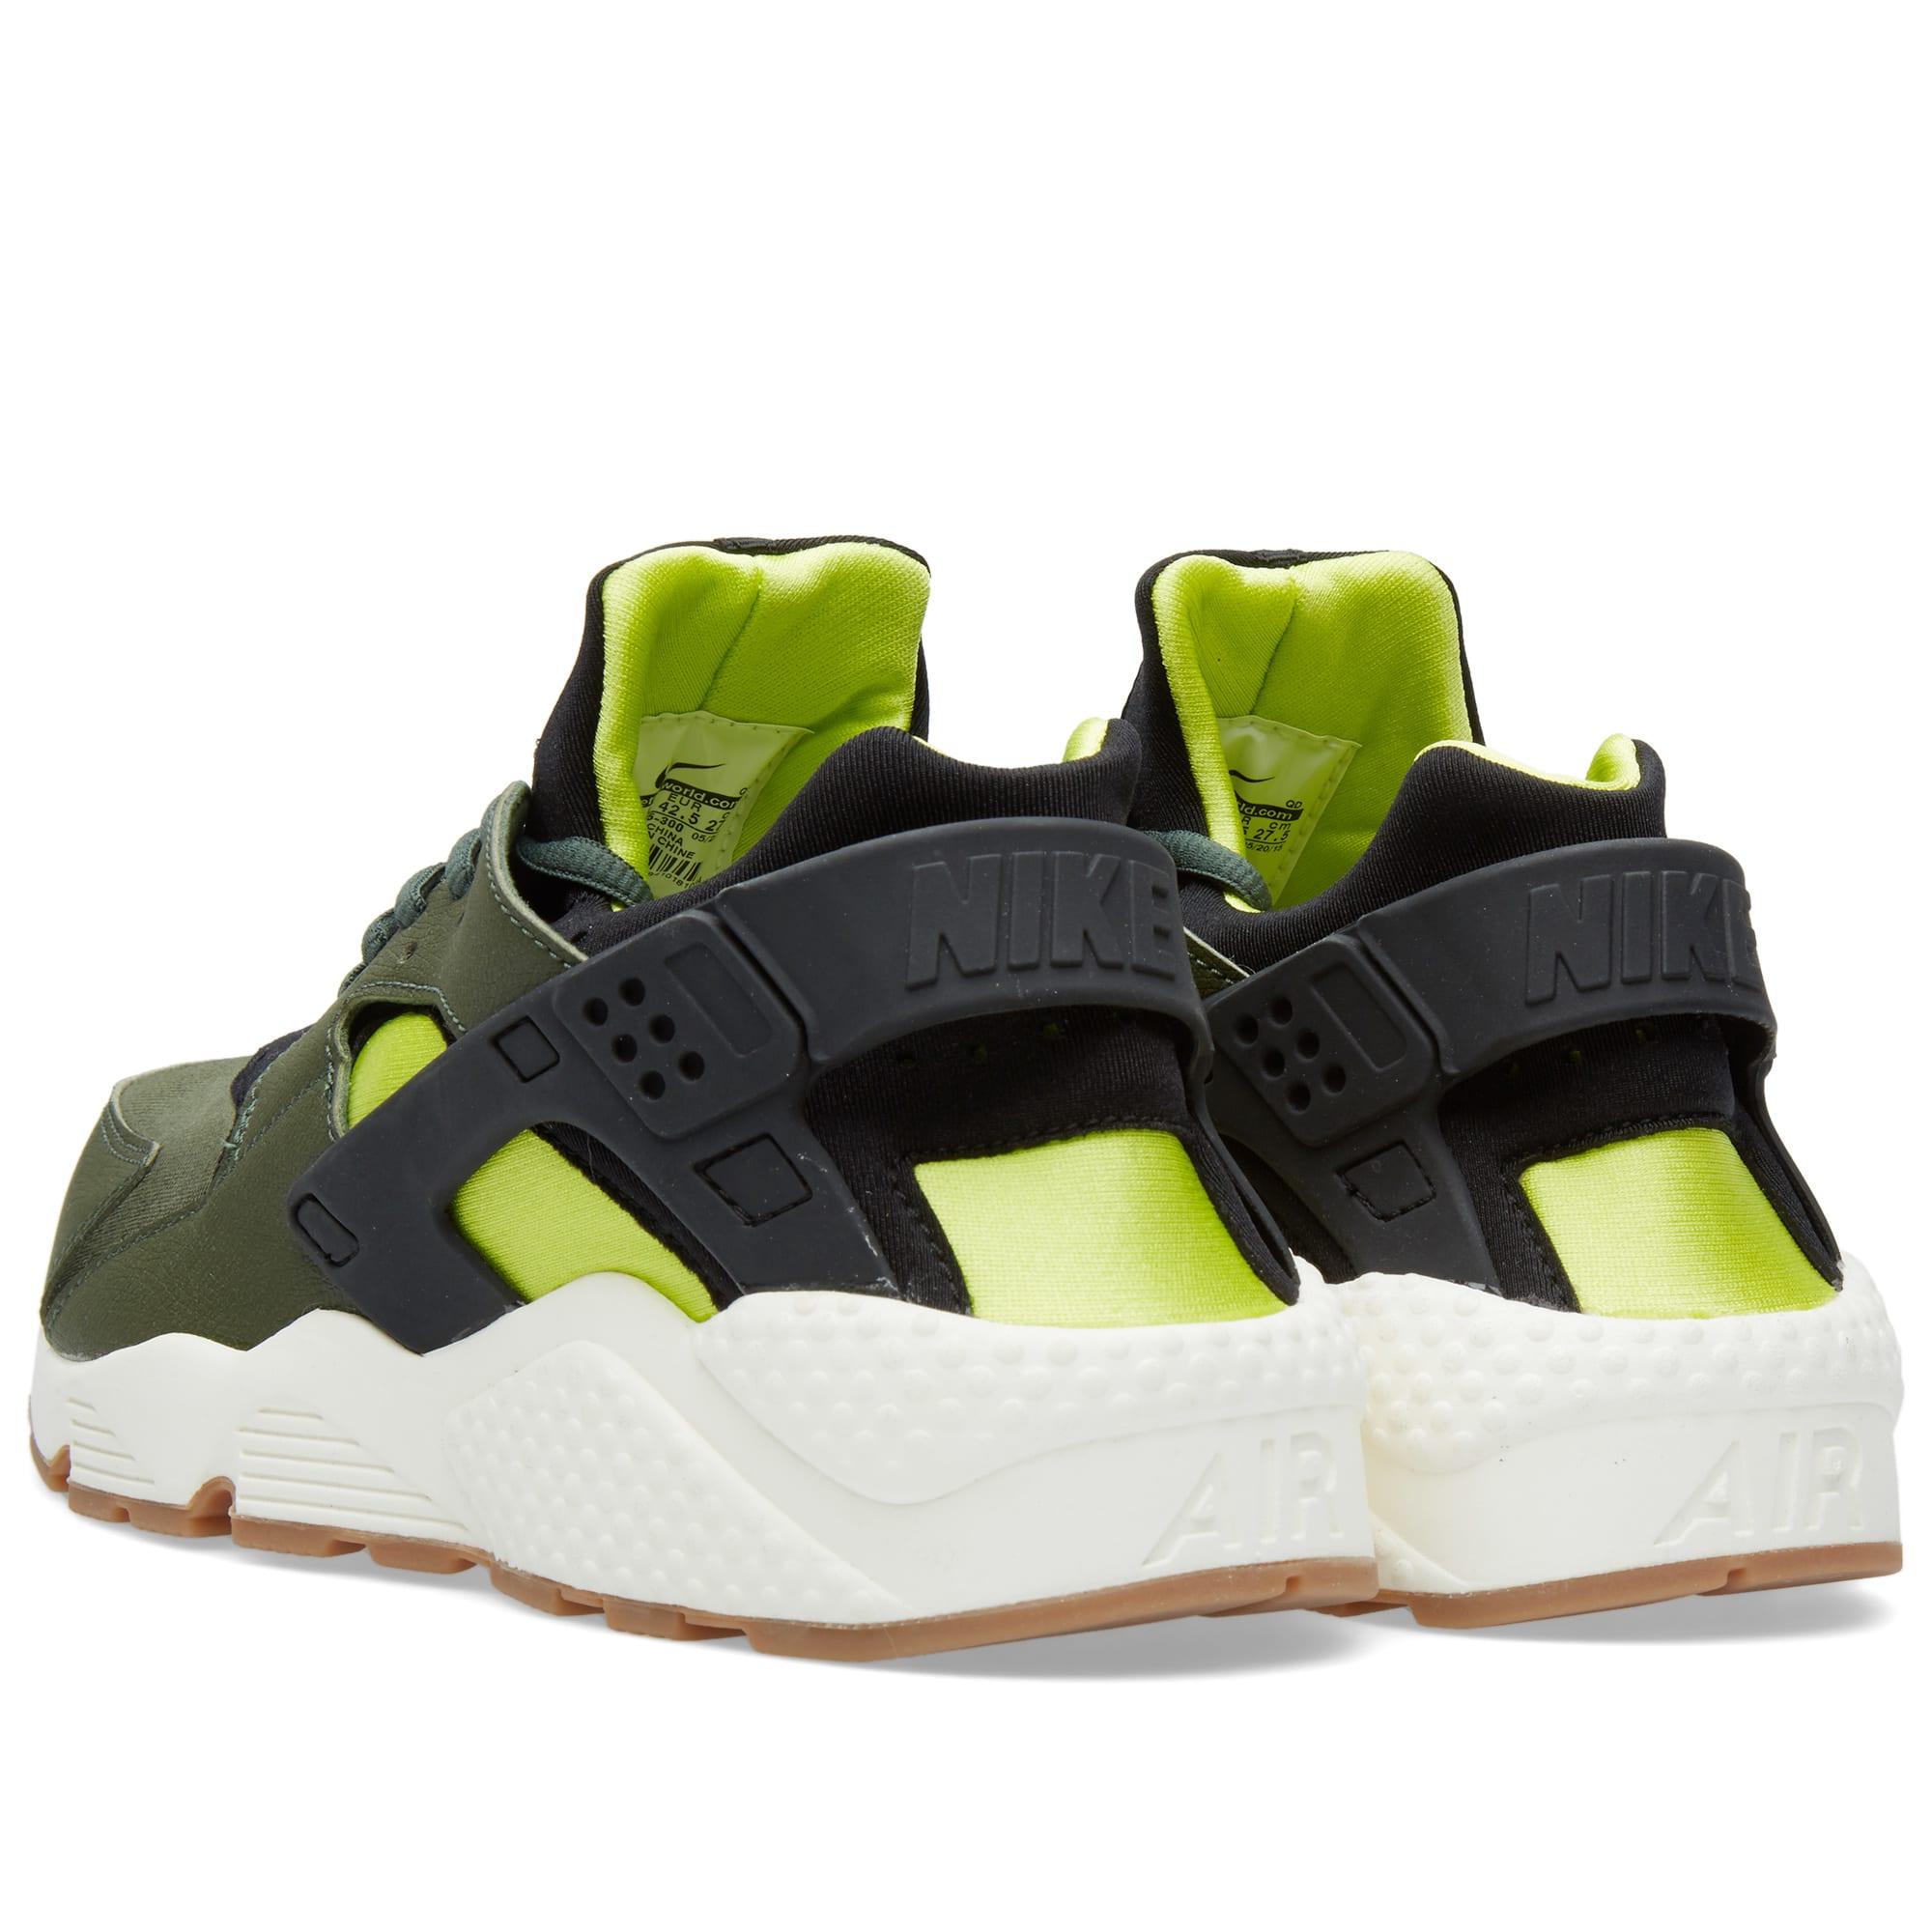 wholesale dealer 23066 824a8 Nike W Air Huarache Run. Carbon Green   Black